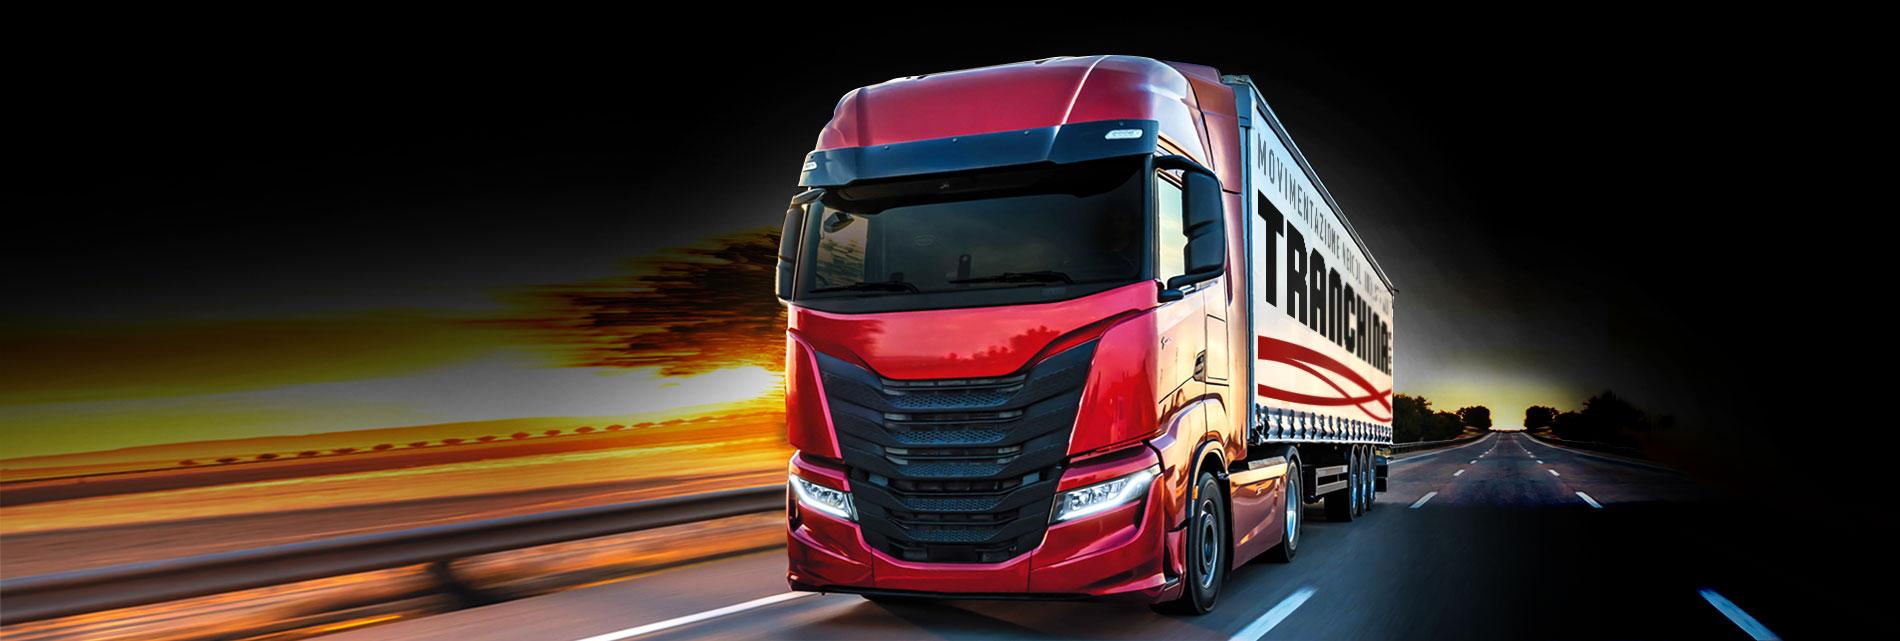 tranchina movimentazione veicoli industriali